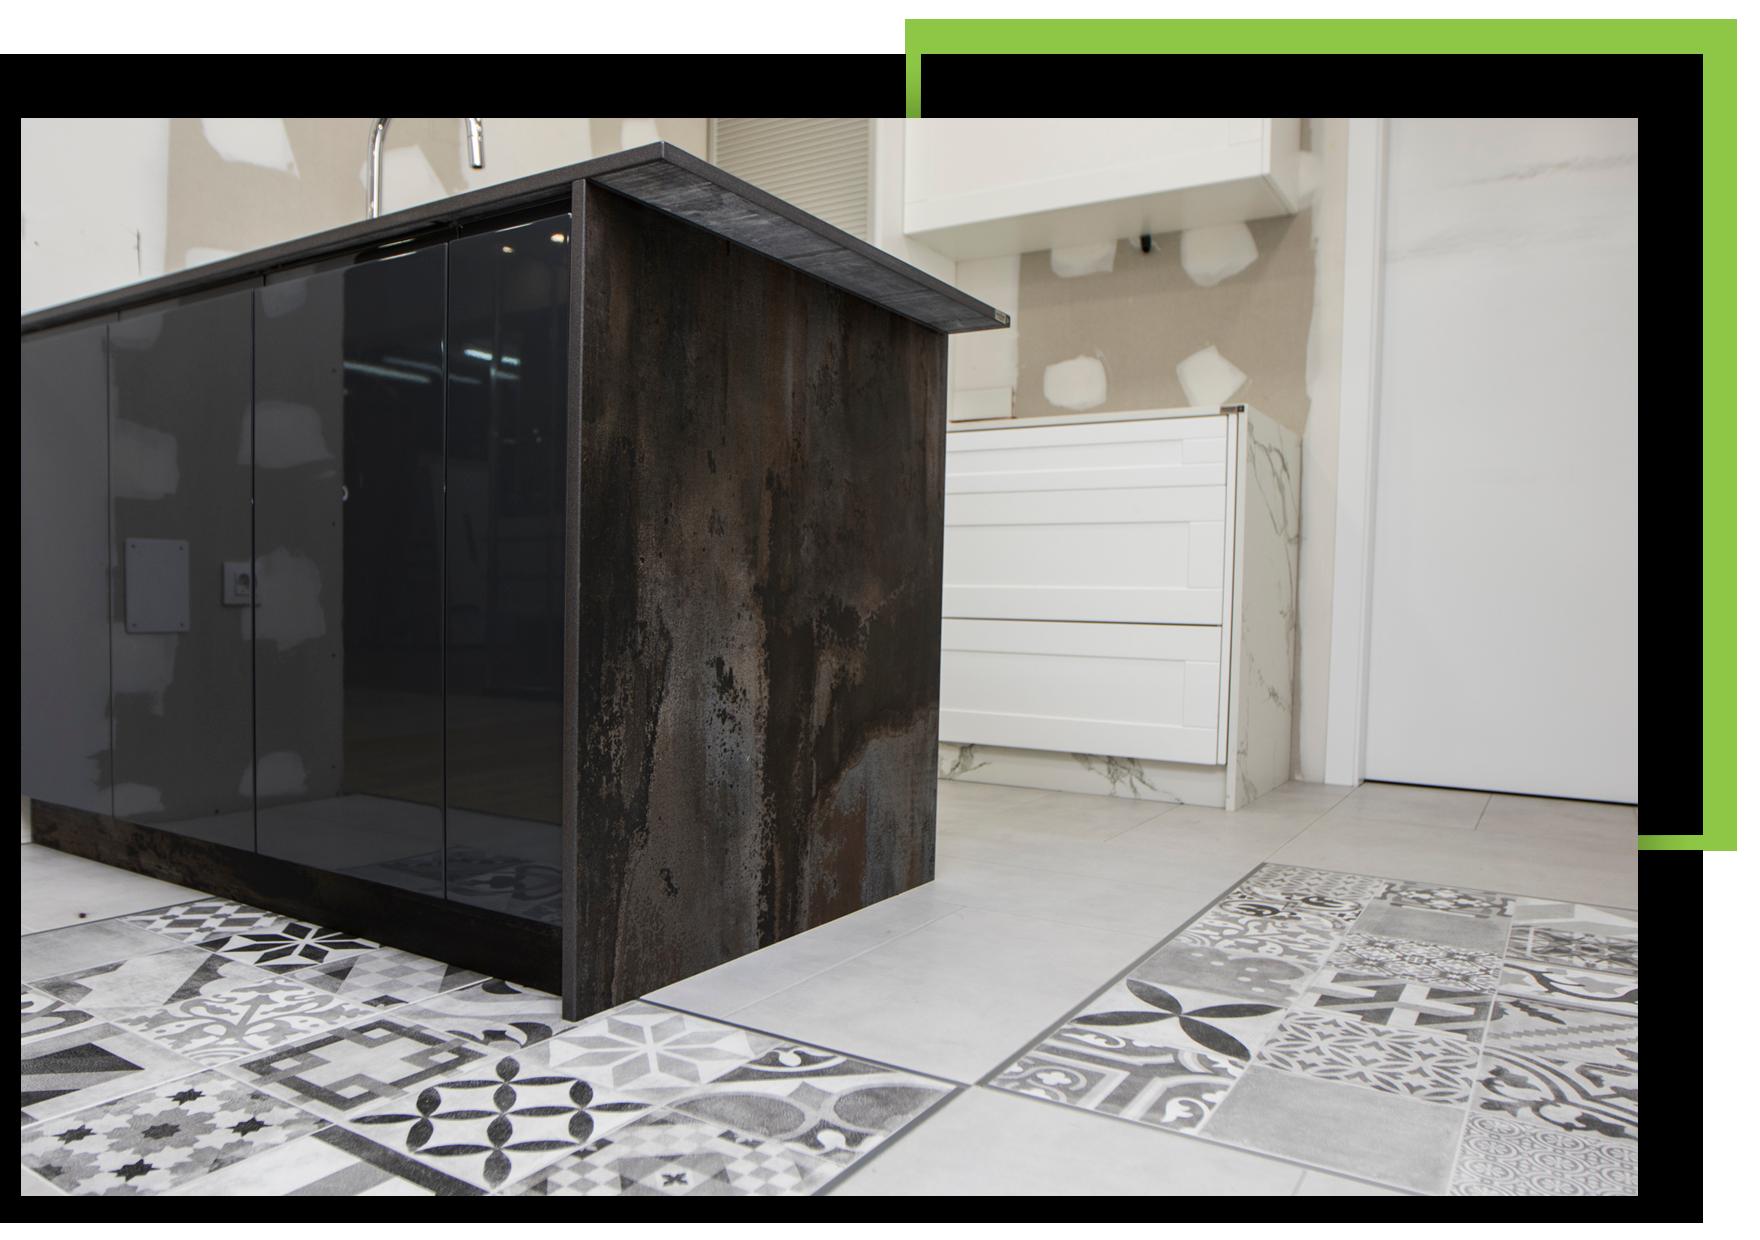 para-móvil-Renueve-empresa-de-reformas-en-a-coruña-venta-de-materiales-proyecto-3d-gratis-expositor-muestras-azulejo-marmolado